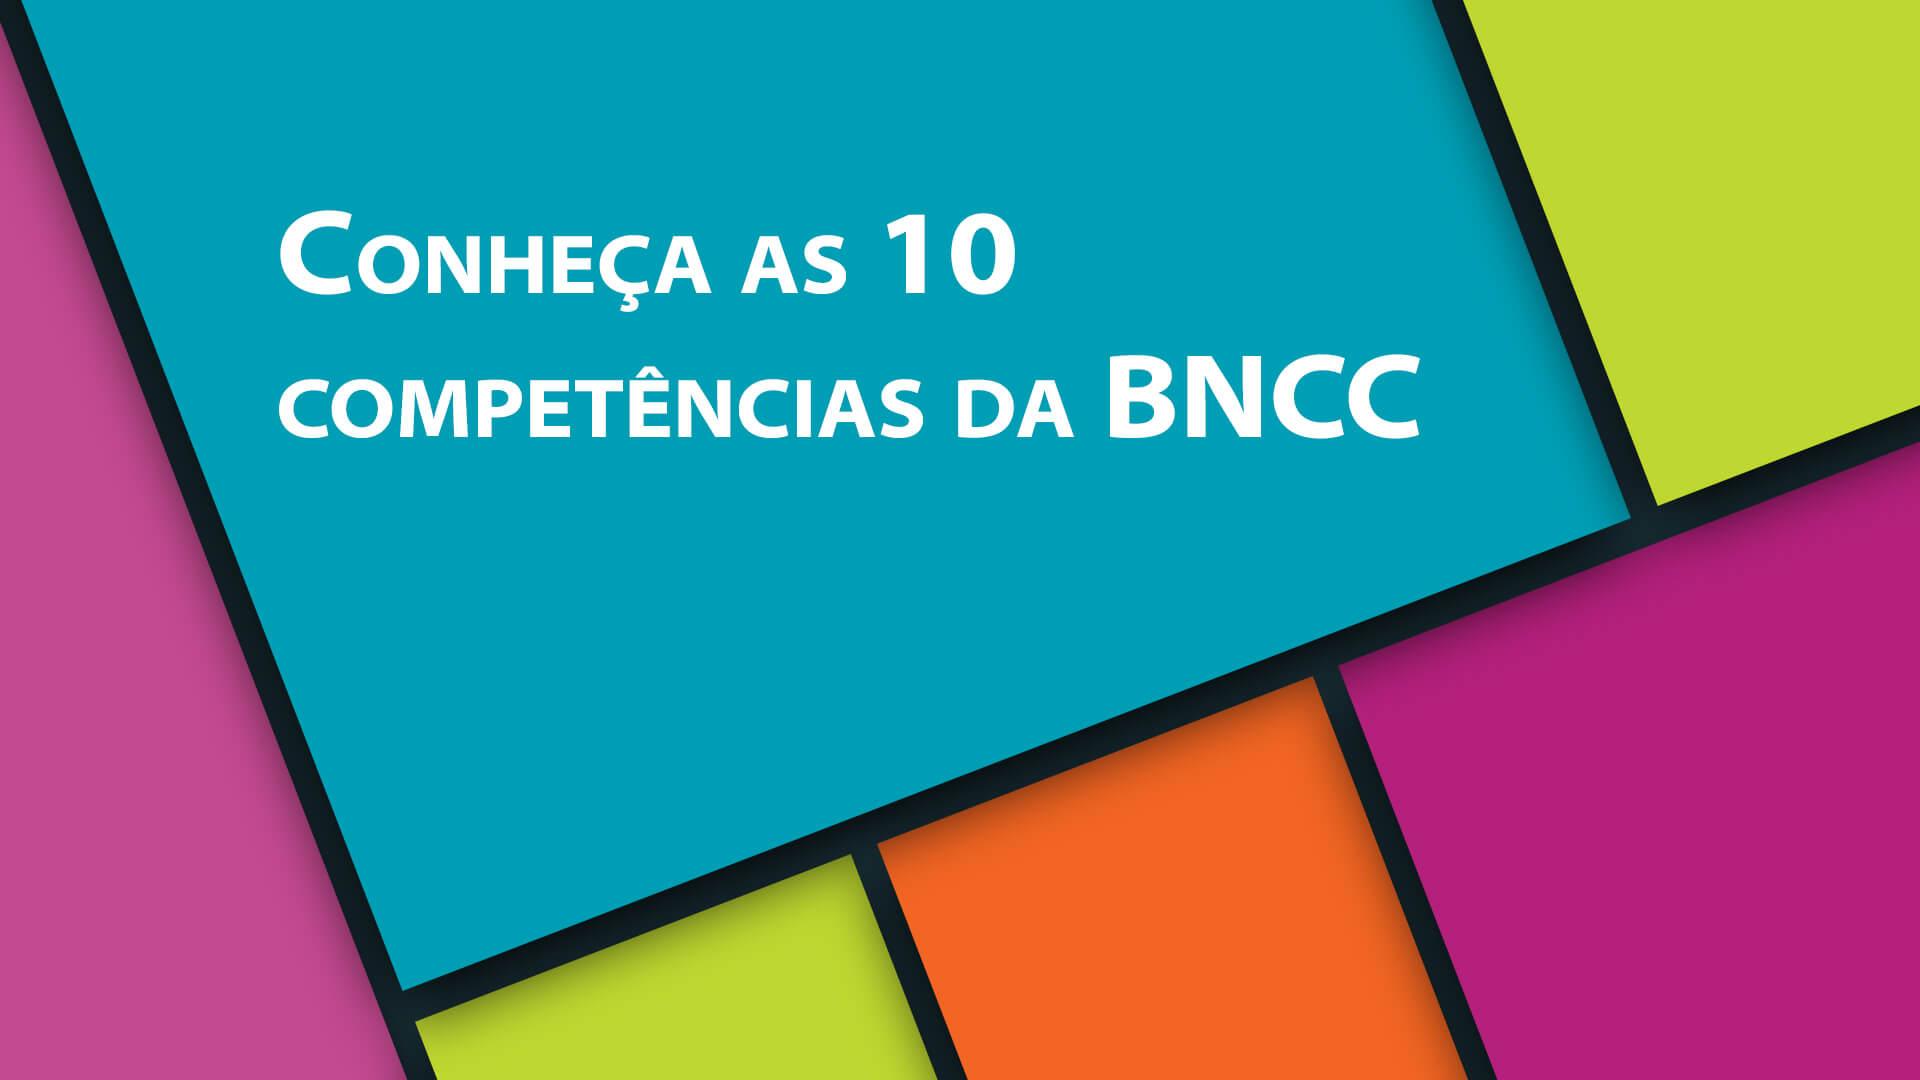 Conheça as 10 competências da BNCC